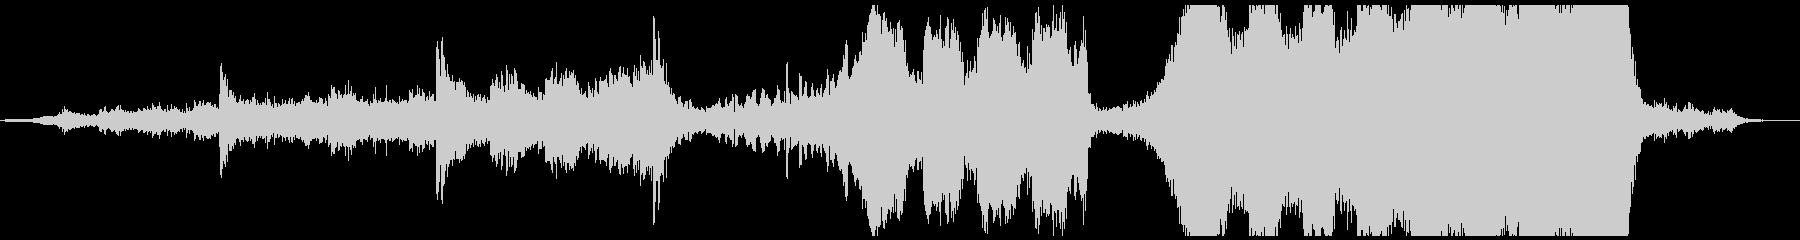 ミドルテンポの映画風トレーラー音楽の未再生の波形